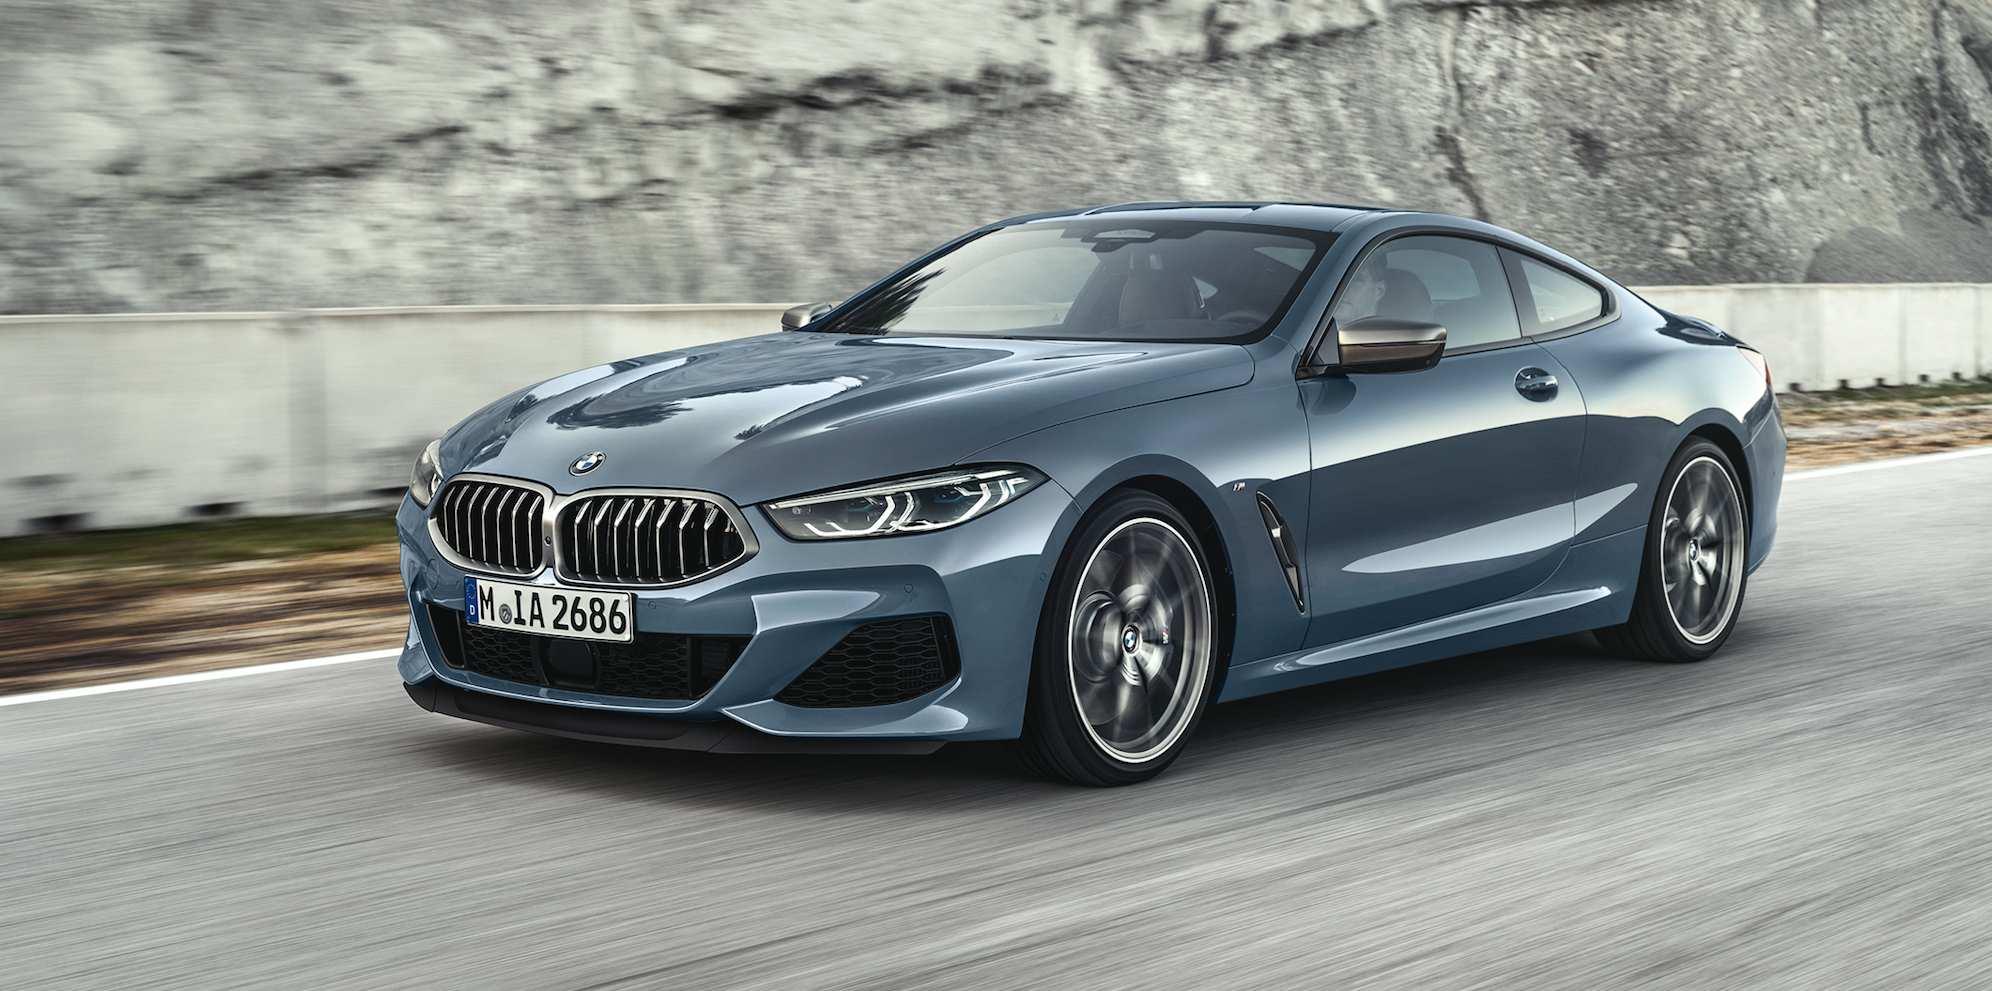 17 Gallery of 2020 BMW Sierra Trim Levels Model by 2020 BMW Sierra Trim Levels